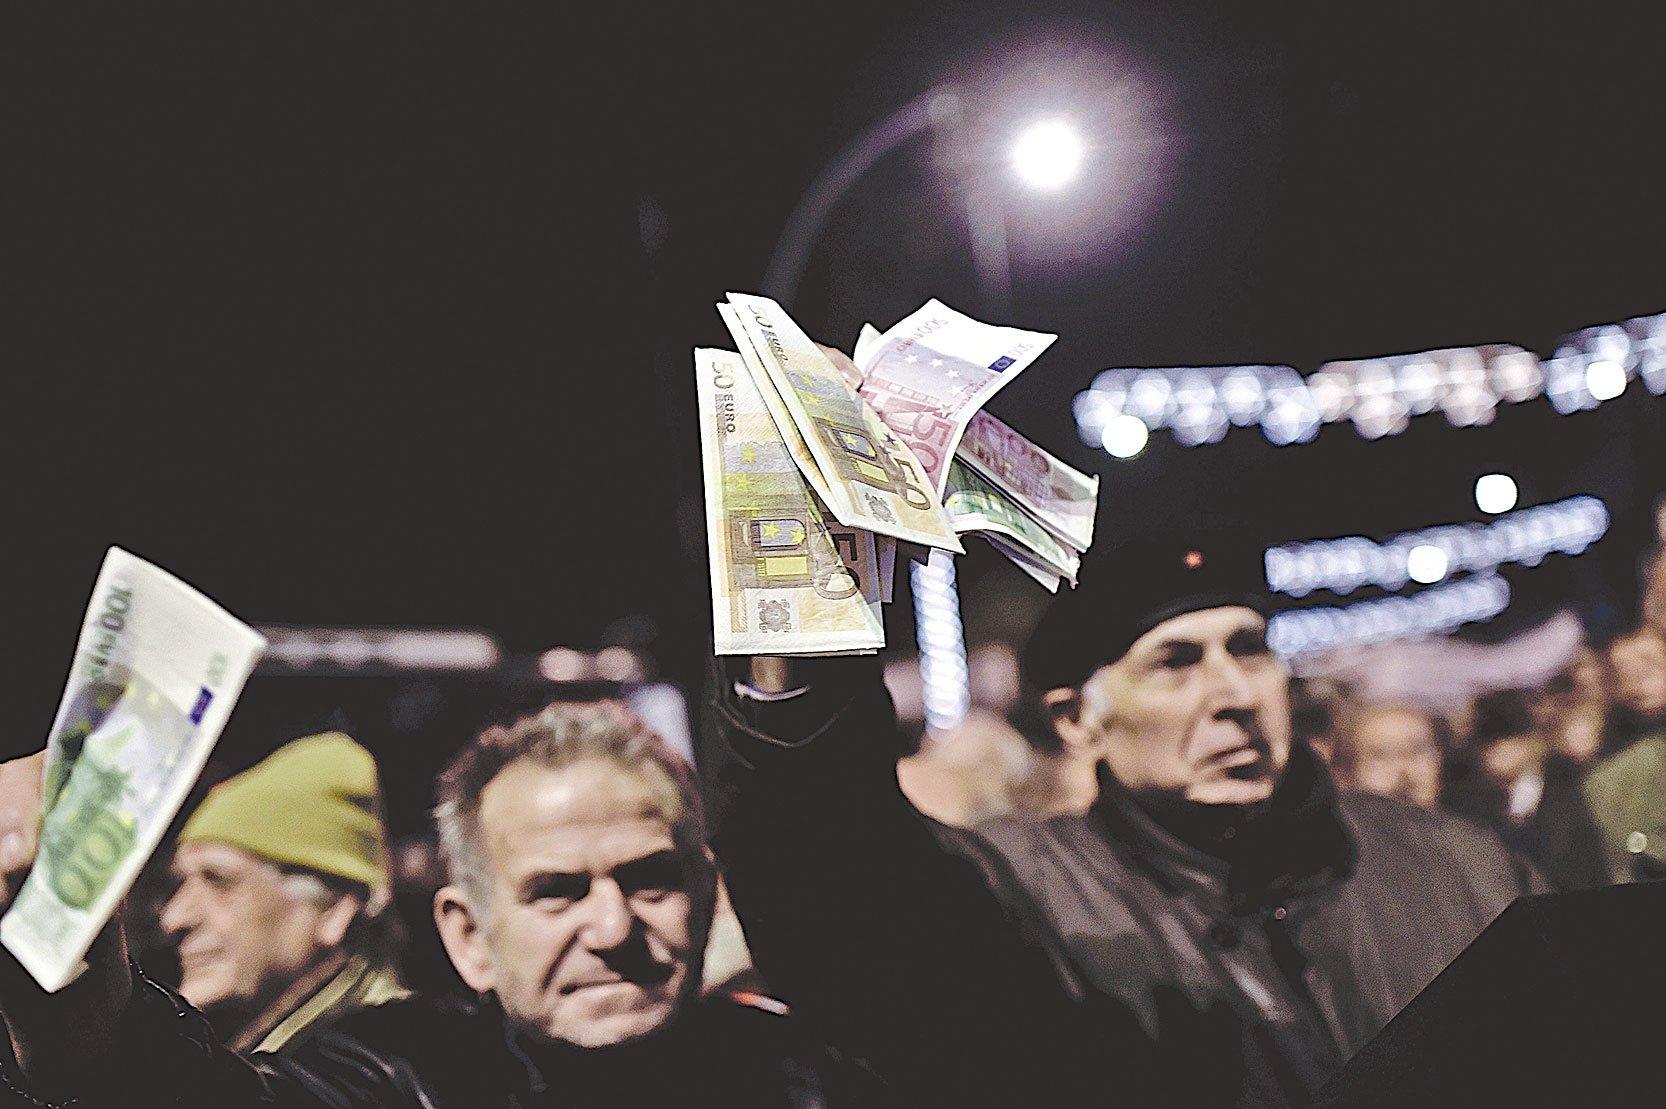 實施共產主義、社會主義的國家,通常會採行高稅收、高福利的社會制度。歐洲國家中的希臘就是最明顯的例子。圖為2016年領取養老金的退休人員在希臘雅典市中心抗議。 (Getty Images)